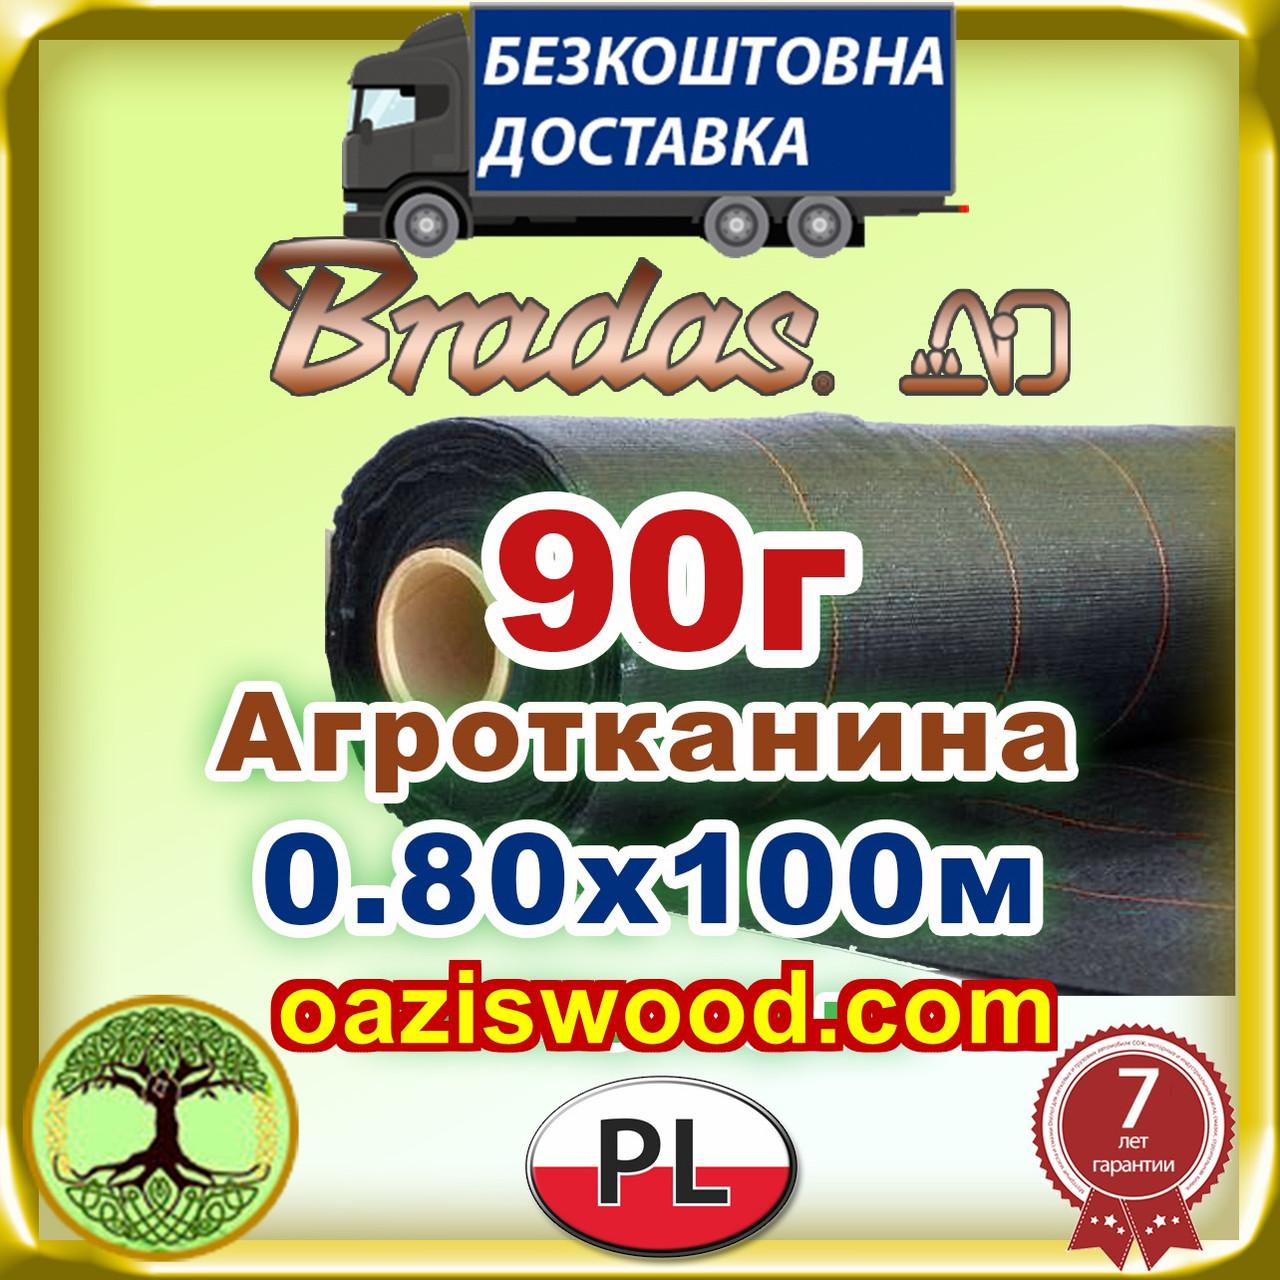 Агротканина 0,8 * 100м 90г/м² BRADAS плетена, чорна, щільна. Мульчування грунту на 7-10 років